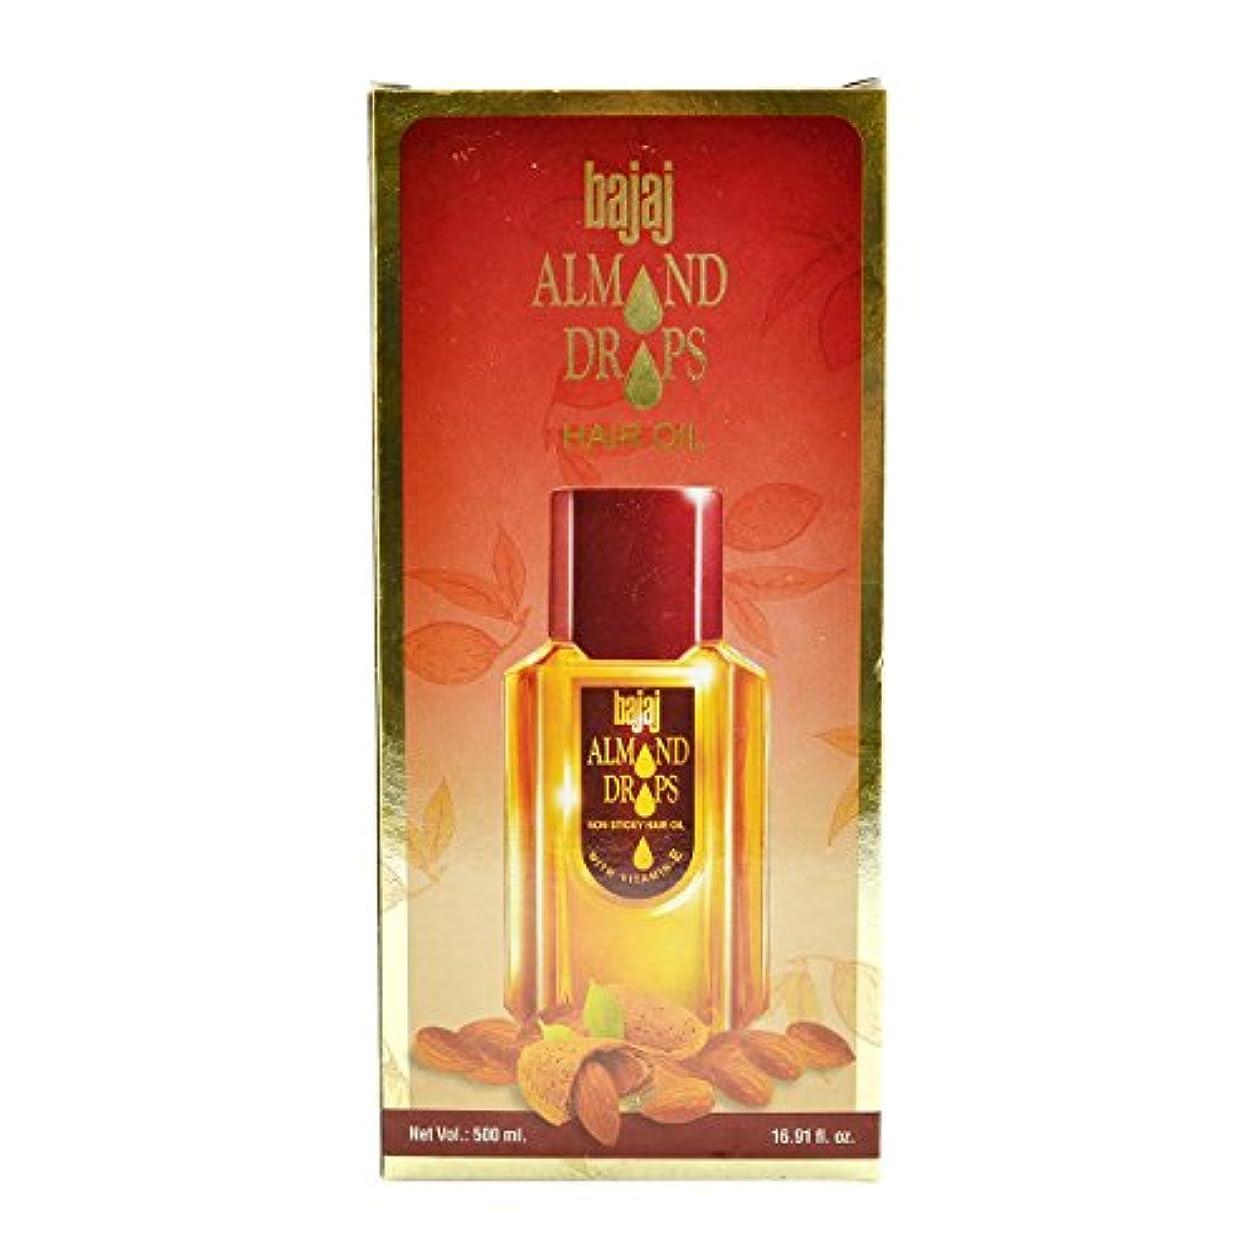 戦闘代名詞ラウズBajaj Almond Drops Hair Oil -500ml(16.91 Floz.) by Subhlaxmi Grocers